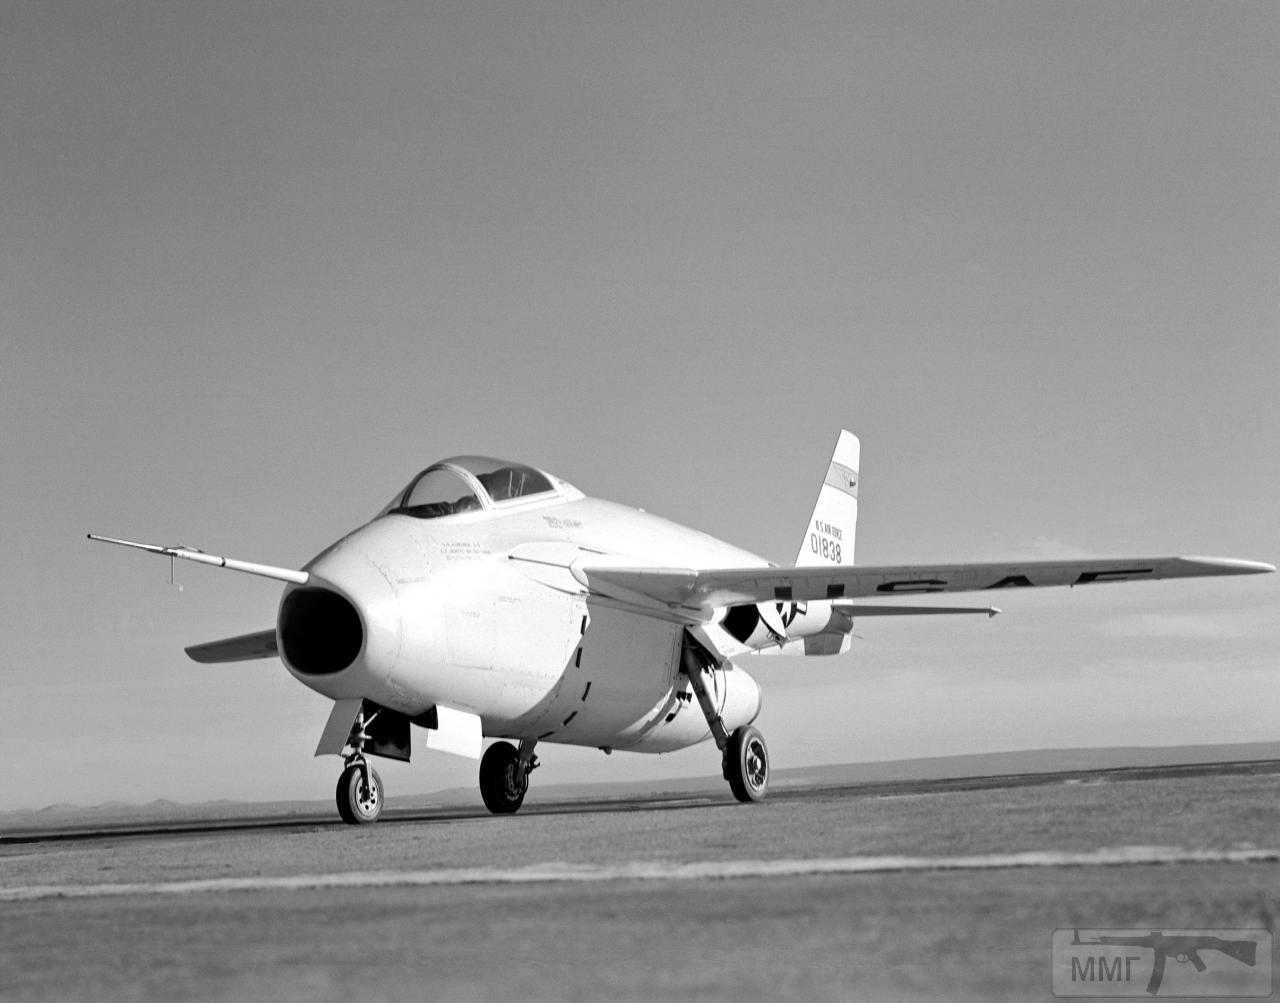 111073 - Luftwaffe-46